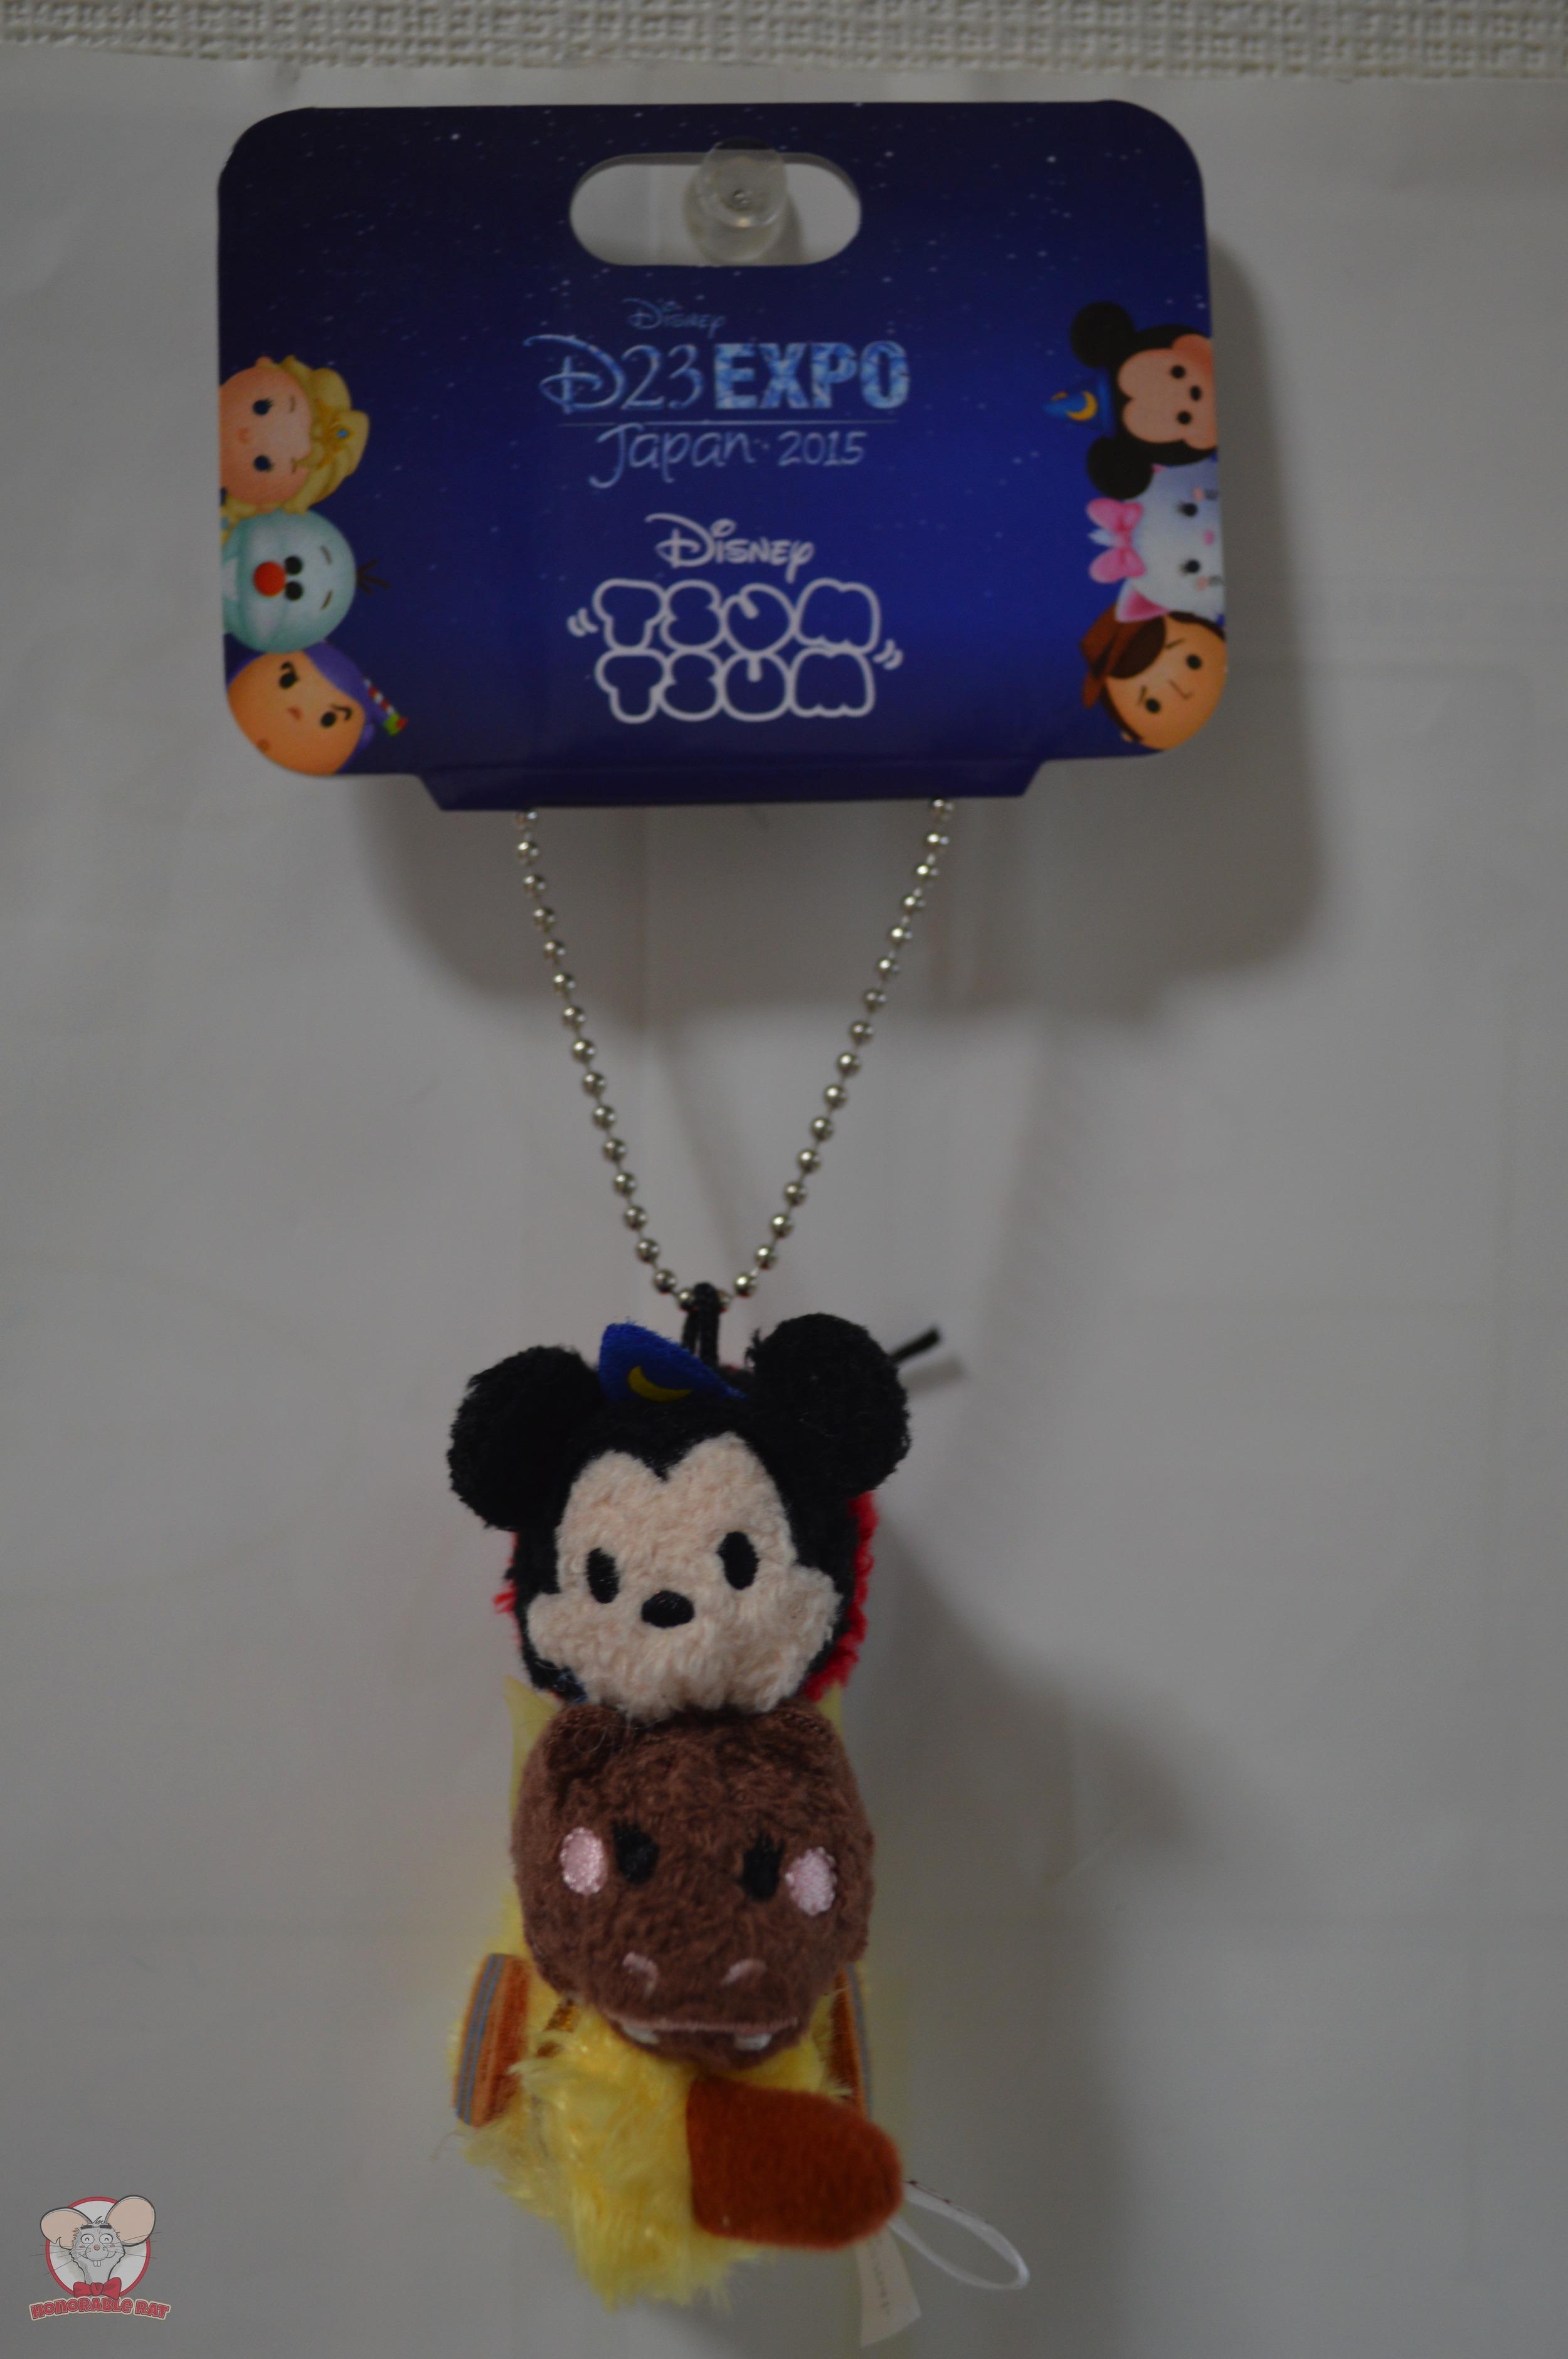 Tsum Tsum Fantasia Key Chain